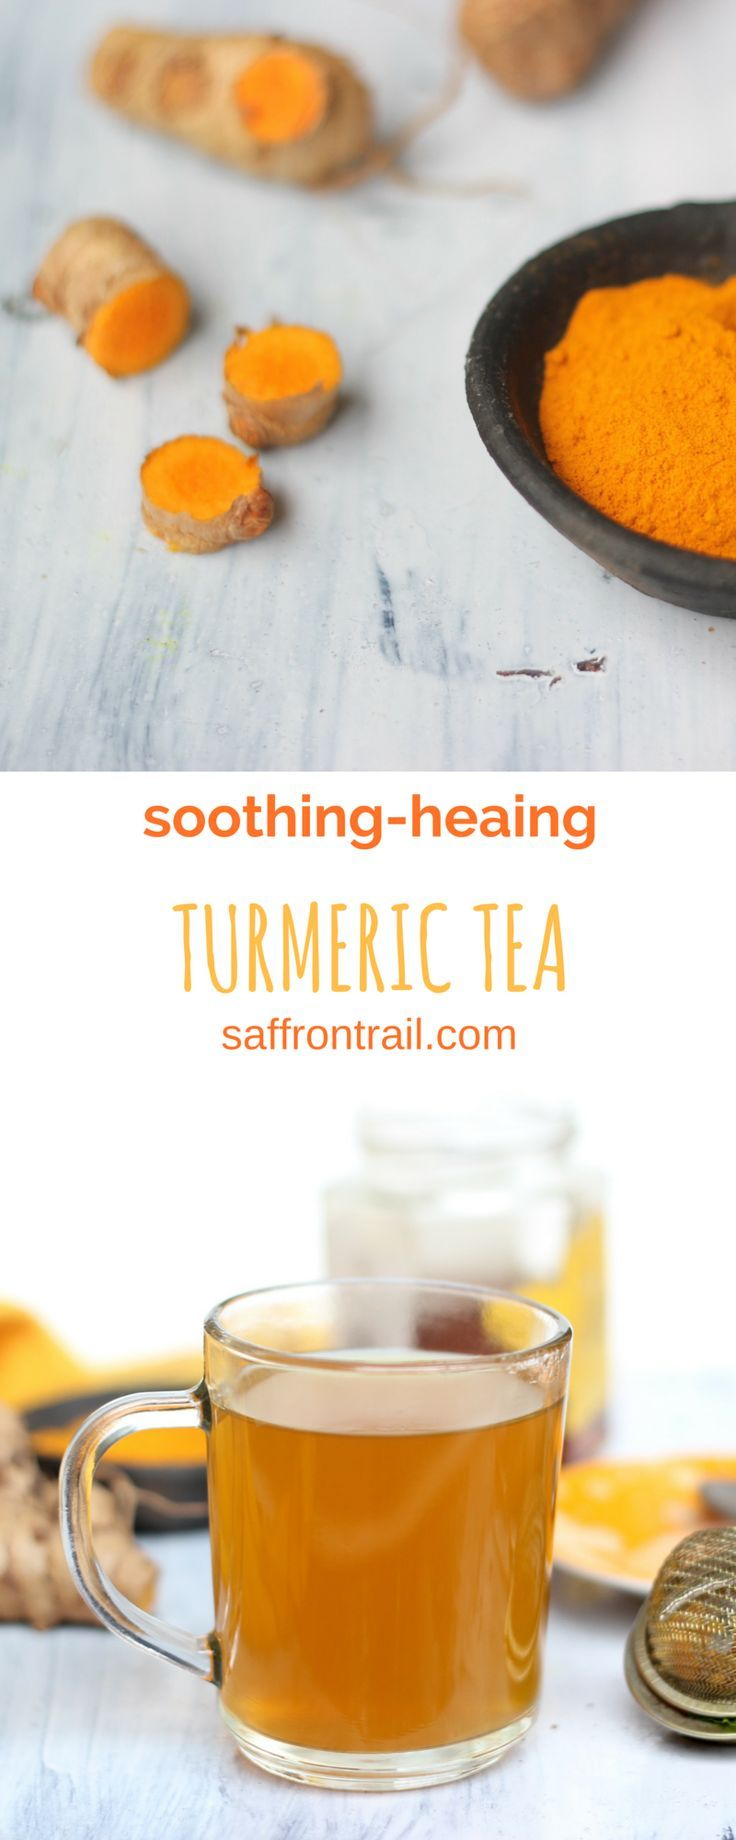 How To Make Turmeric Tea Recipe Turmeric Tea Recipe Turmeric Tea Tumeric Tea Recipe